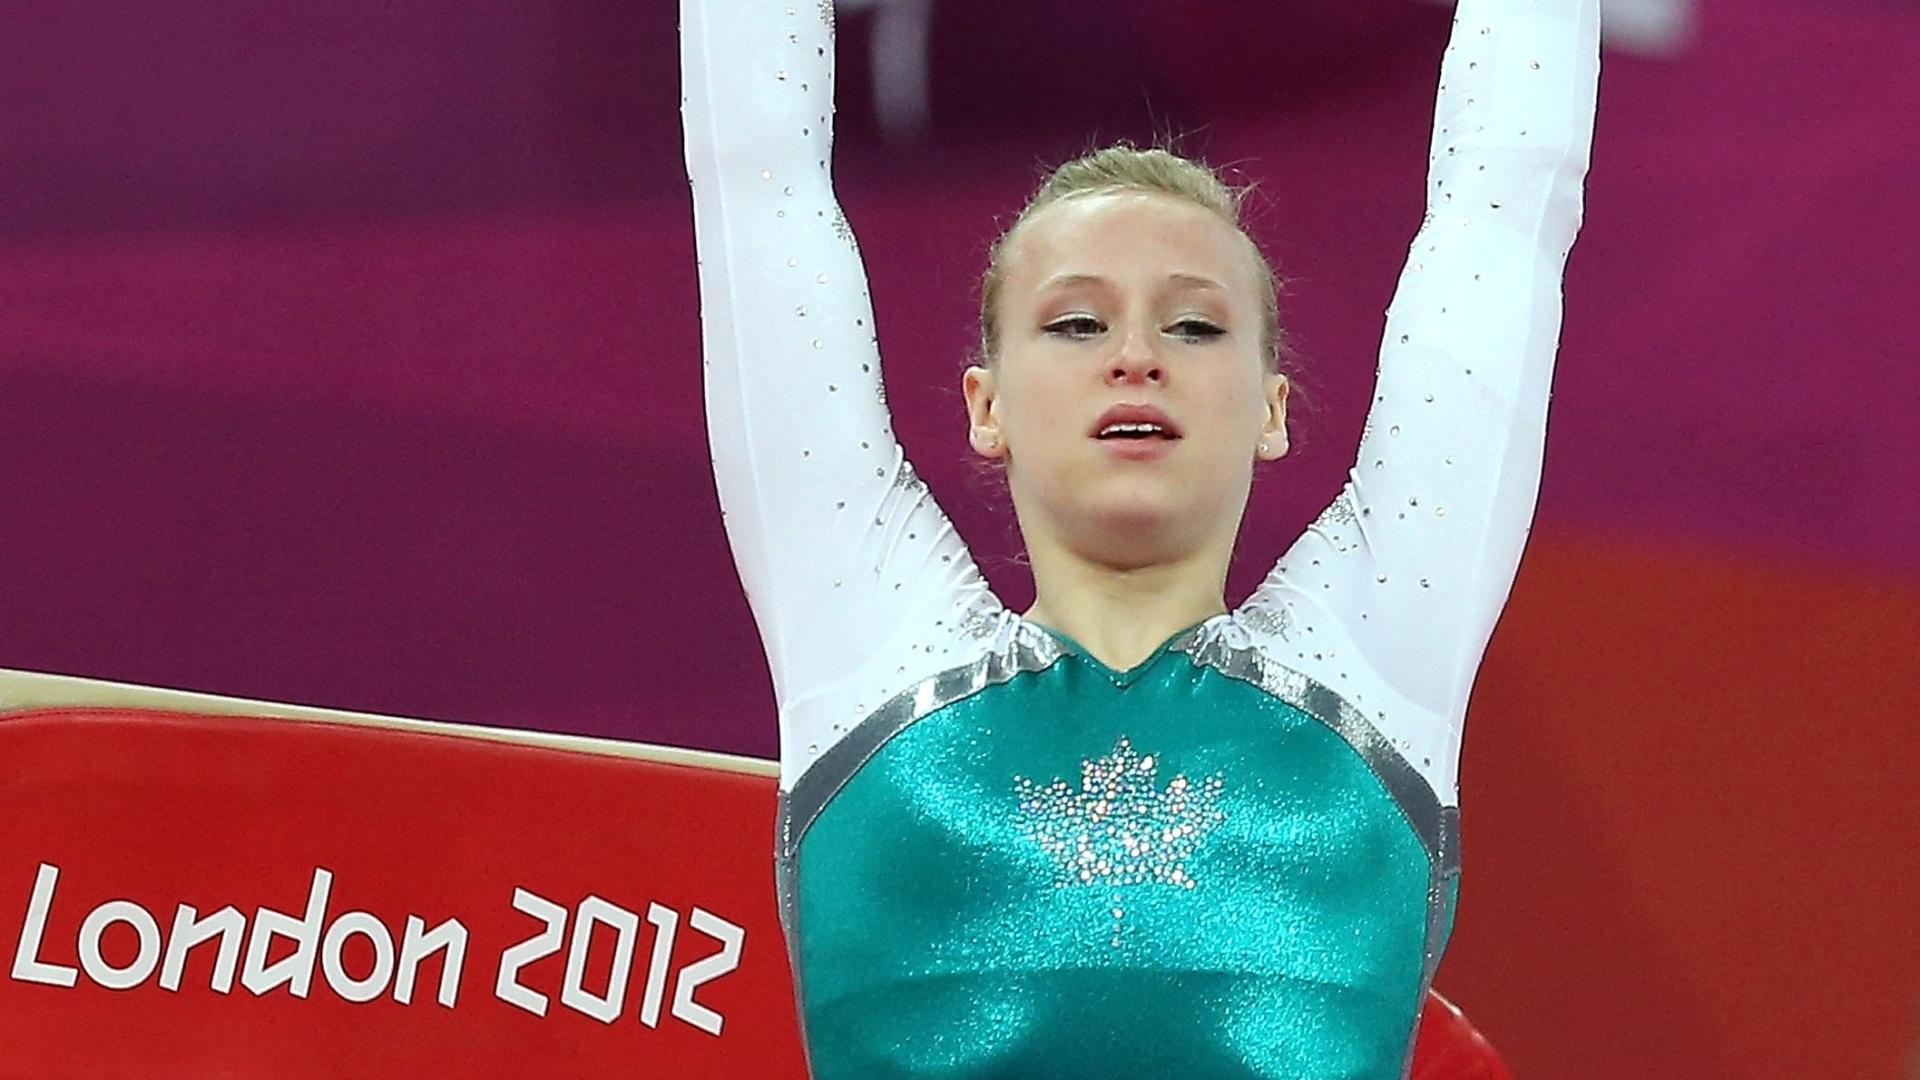 Outra canadense da ginástica artística, Elisabeth Black, também usou a folha em seu collant, mesmo optando por um modelo verde e branco na final de salto